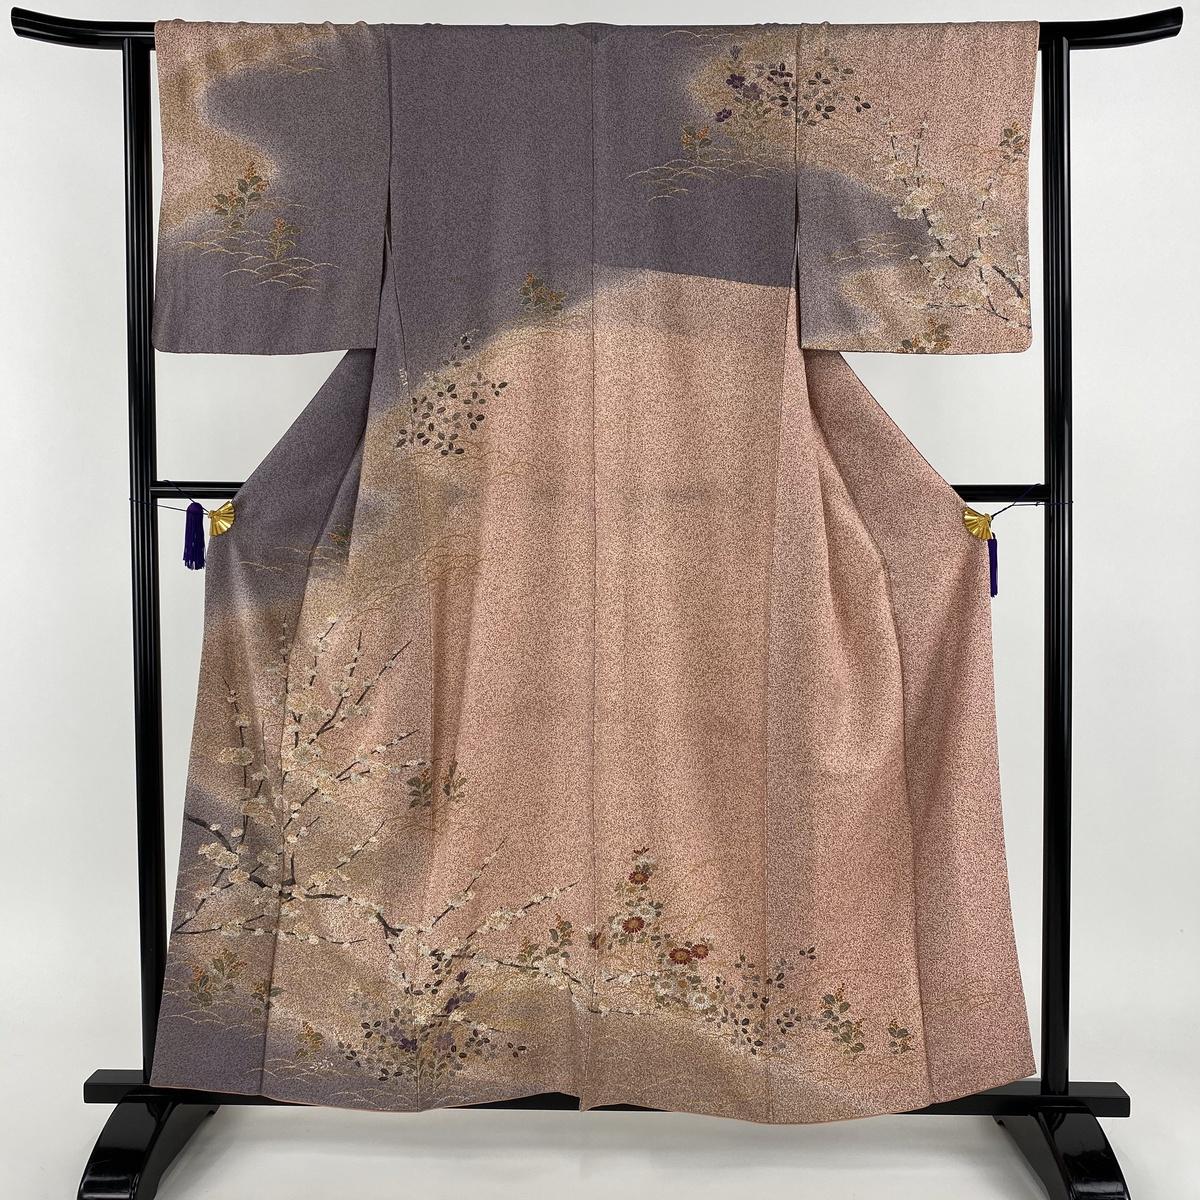 訪問着 美品 秀品 枝花 芝 金彩 たたき染め風 薄紫 袷 身丈158cm 裄丈63cm S 正絹 【中古】